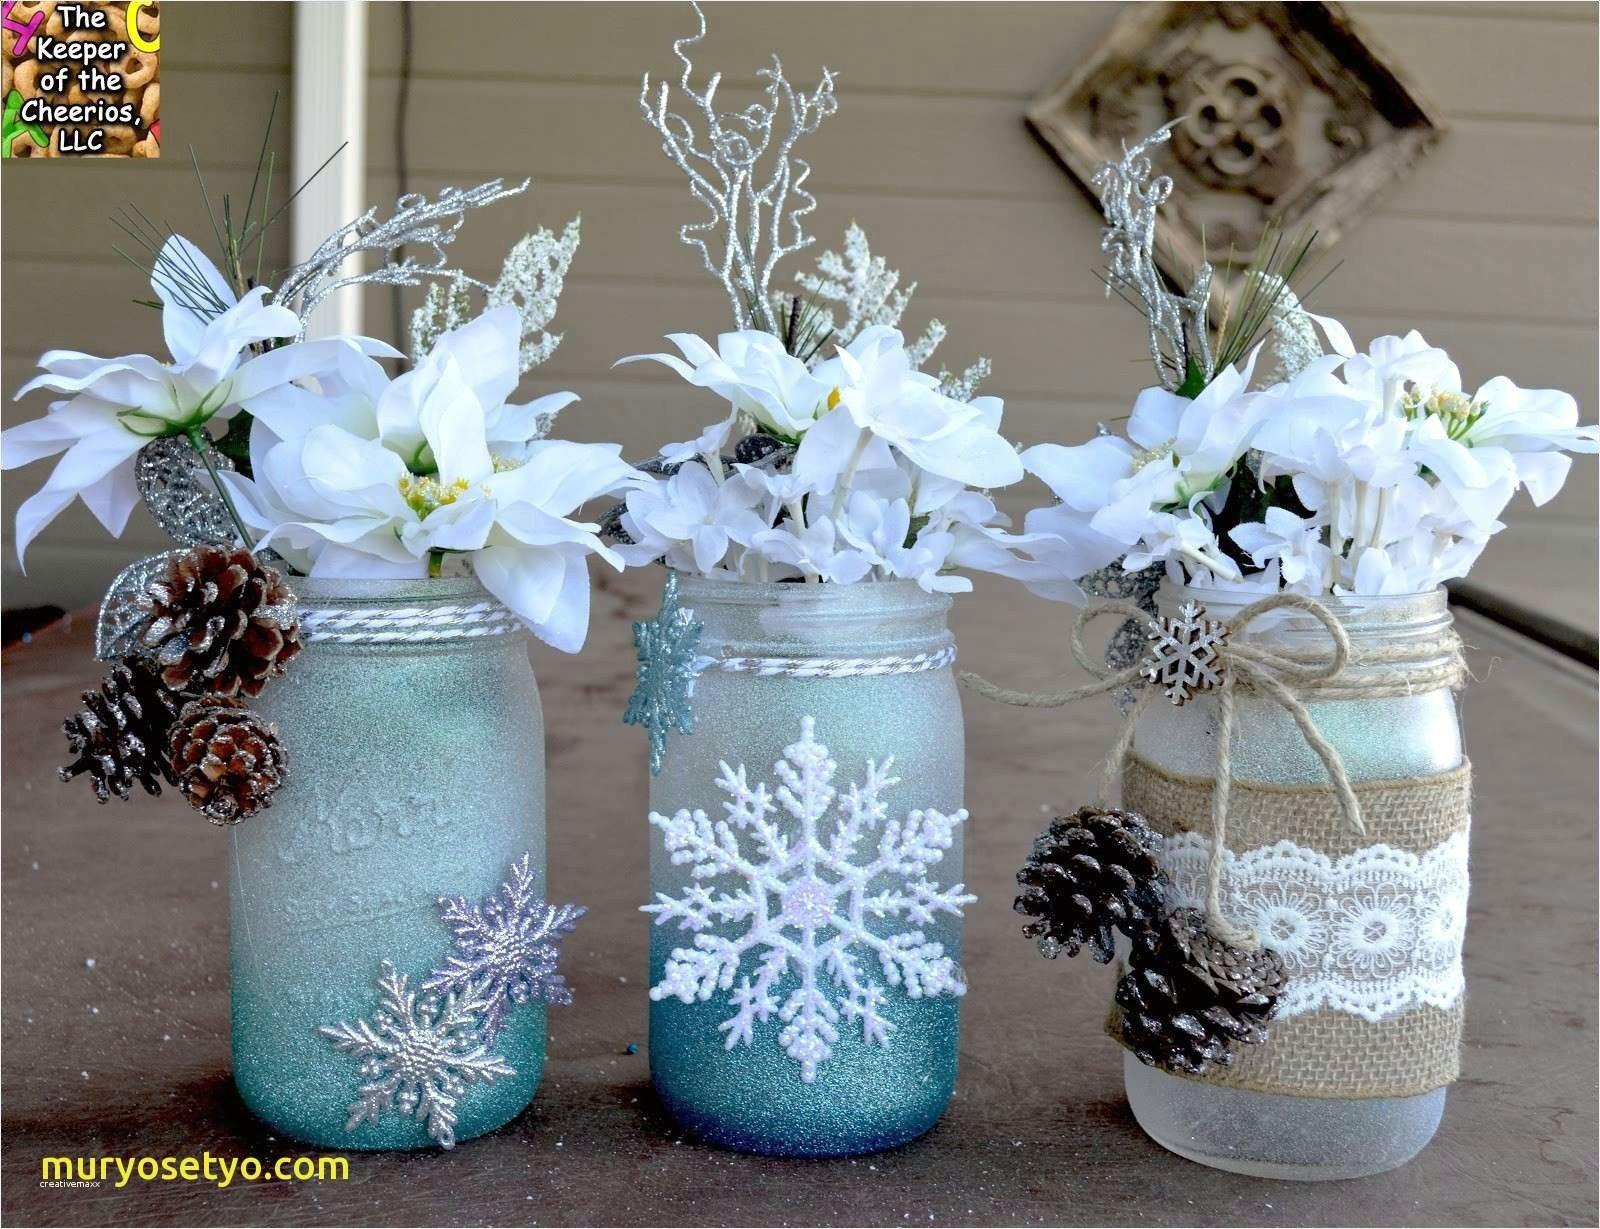 41 DIY Easy Birthday Crafts for Adults Mason jar